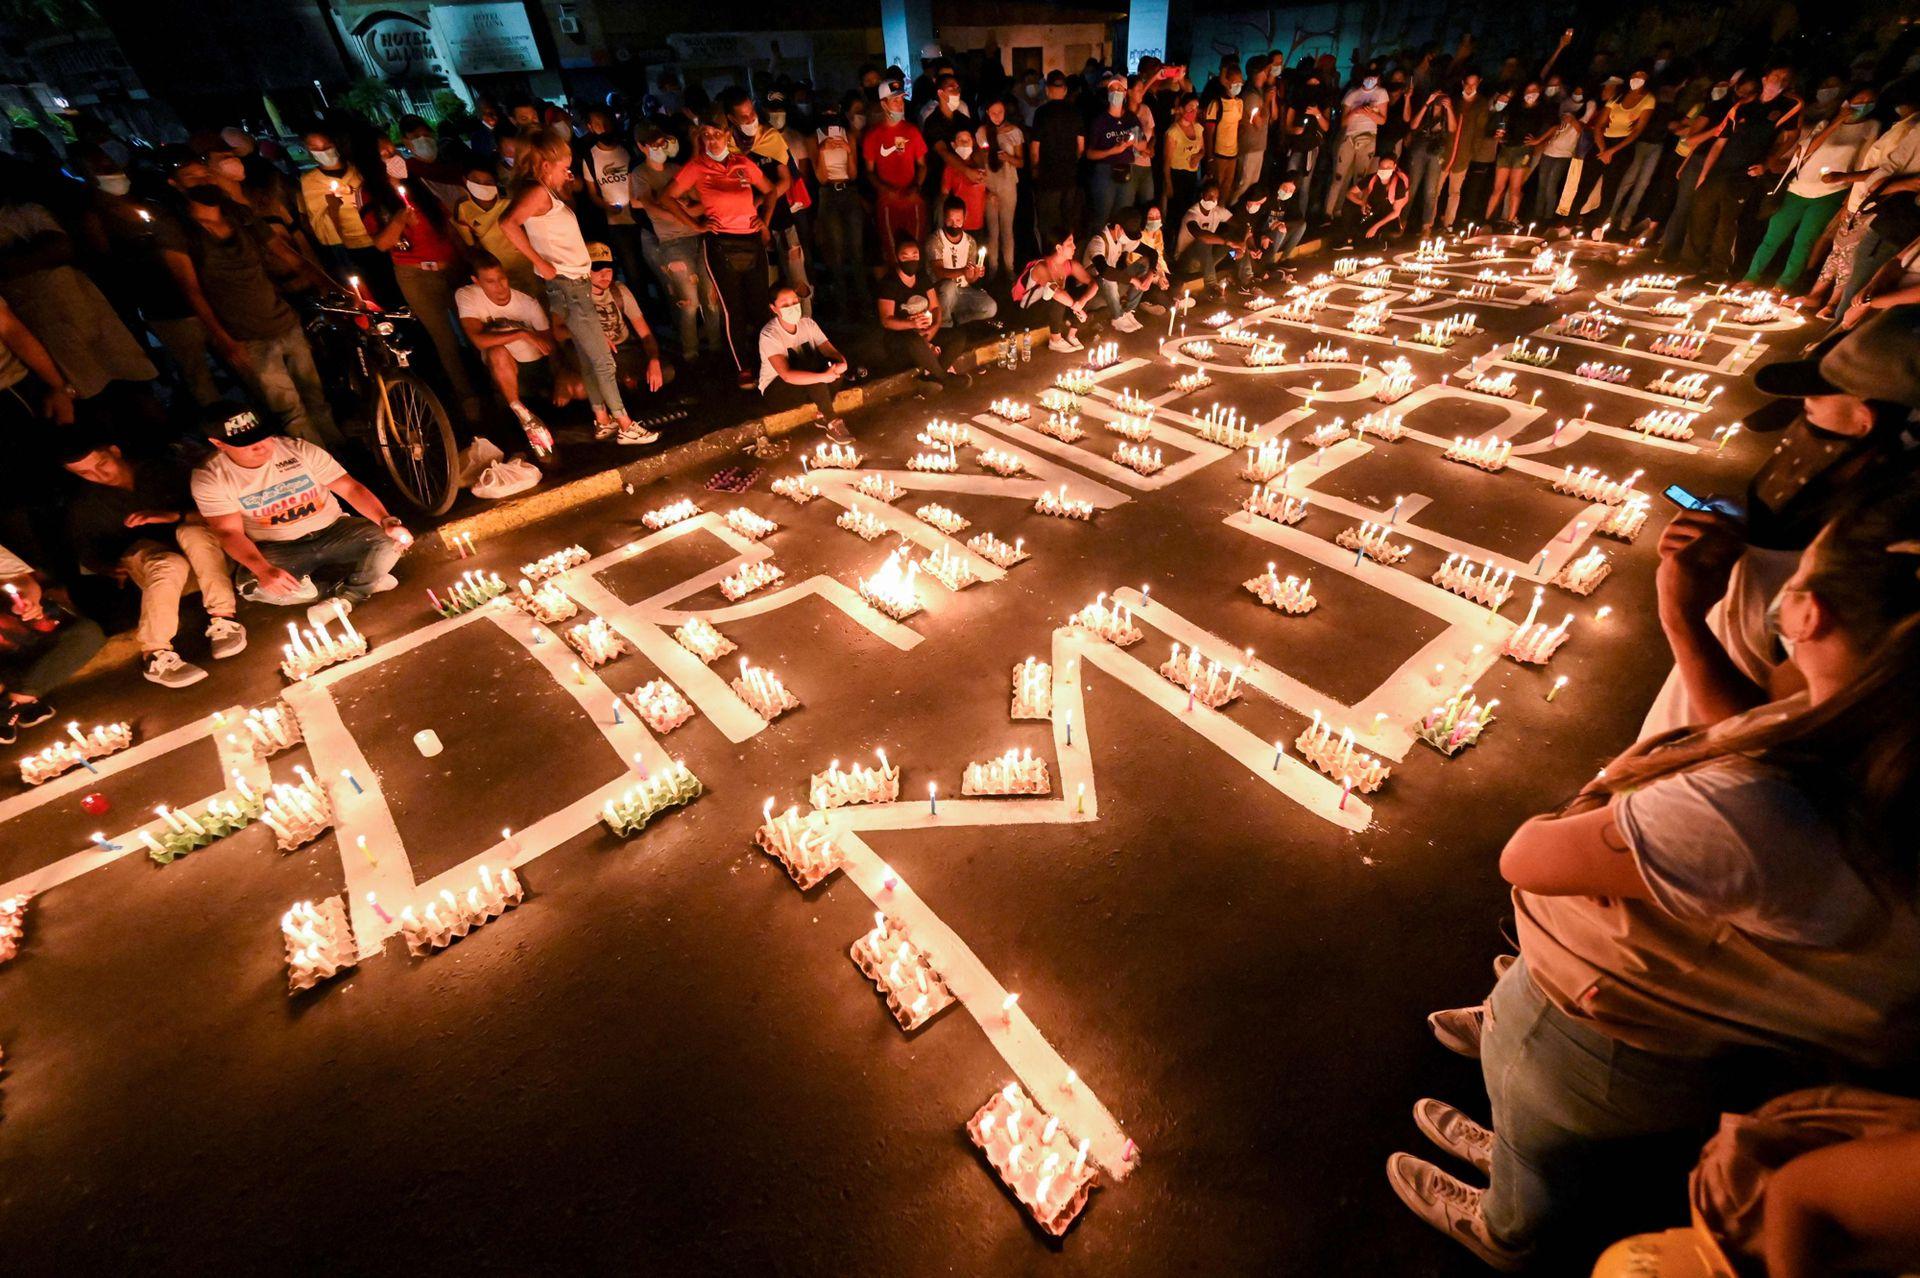 Los manifestantes rinden homenaje a los muertos con velas en las calles